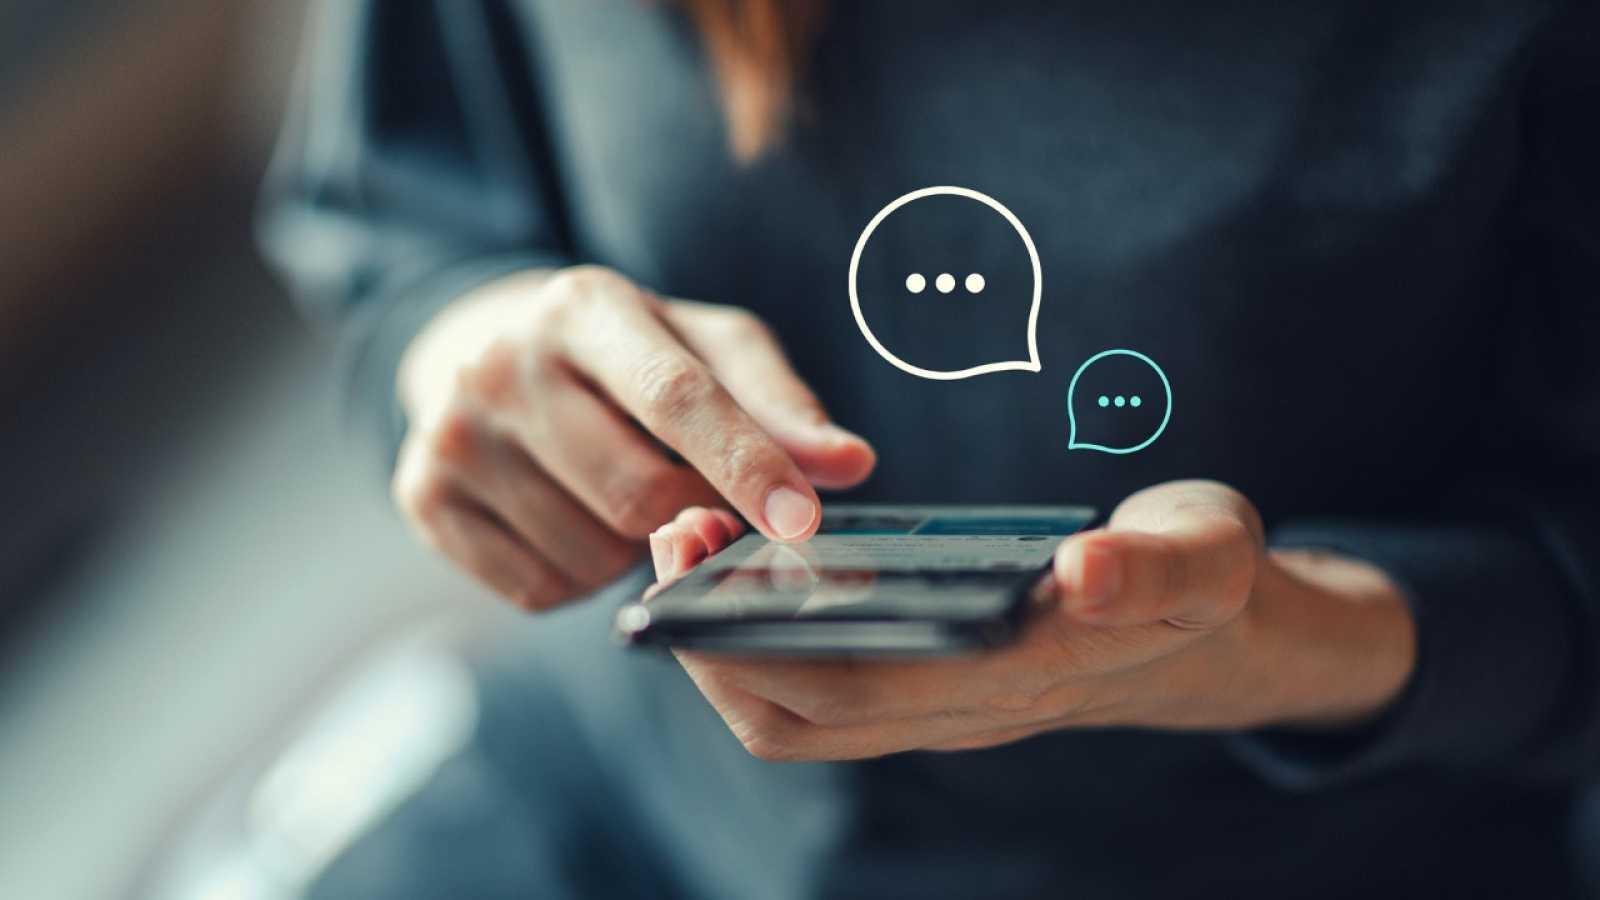 Por tres razones - ¿WhatsApp es inofensivo? - 10/05/21 - escuchar ahora